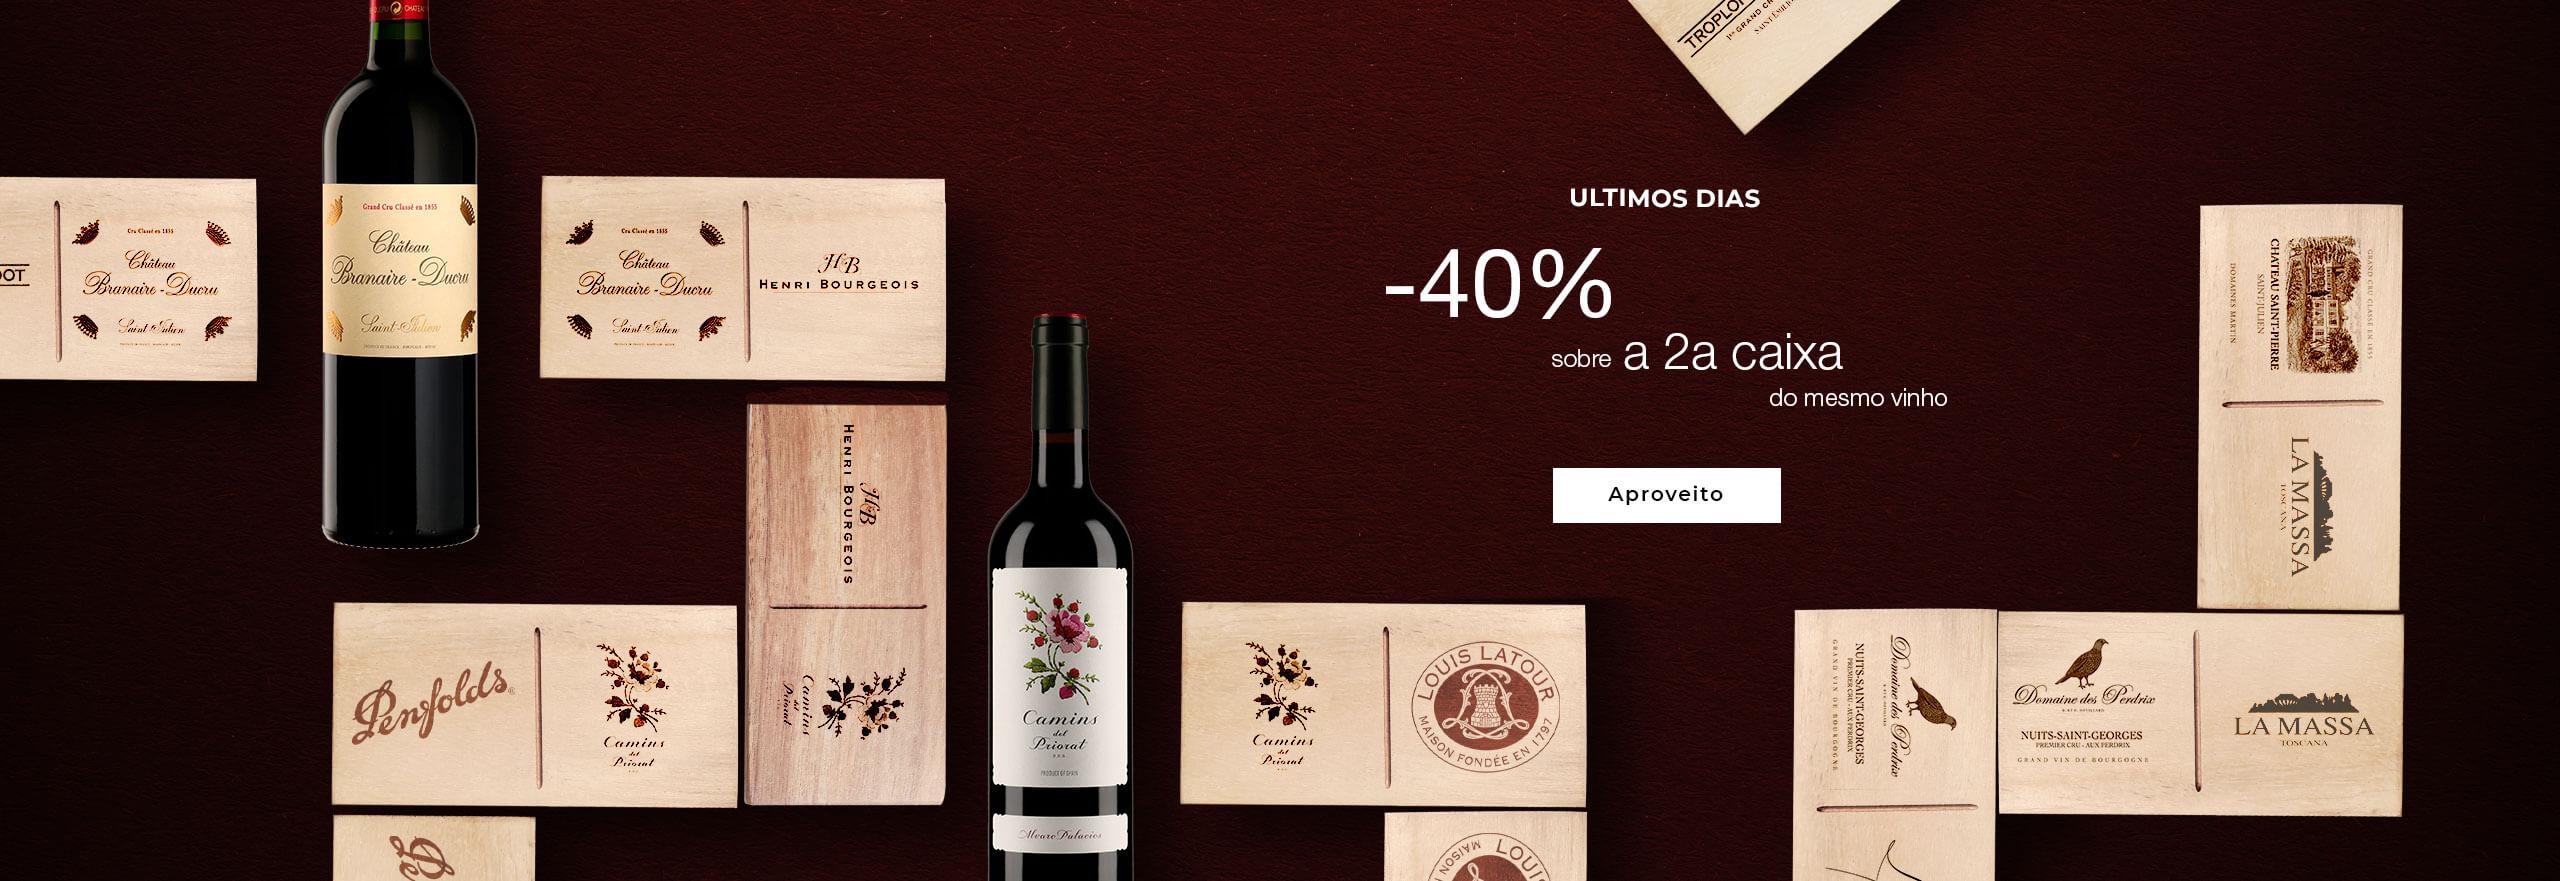 Nova oferta: 40% de desconto sobre a 2a caixa